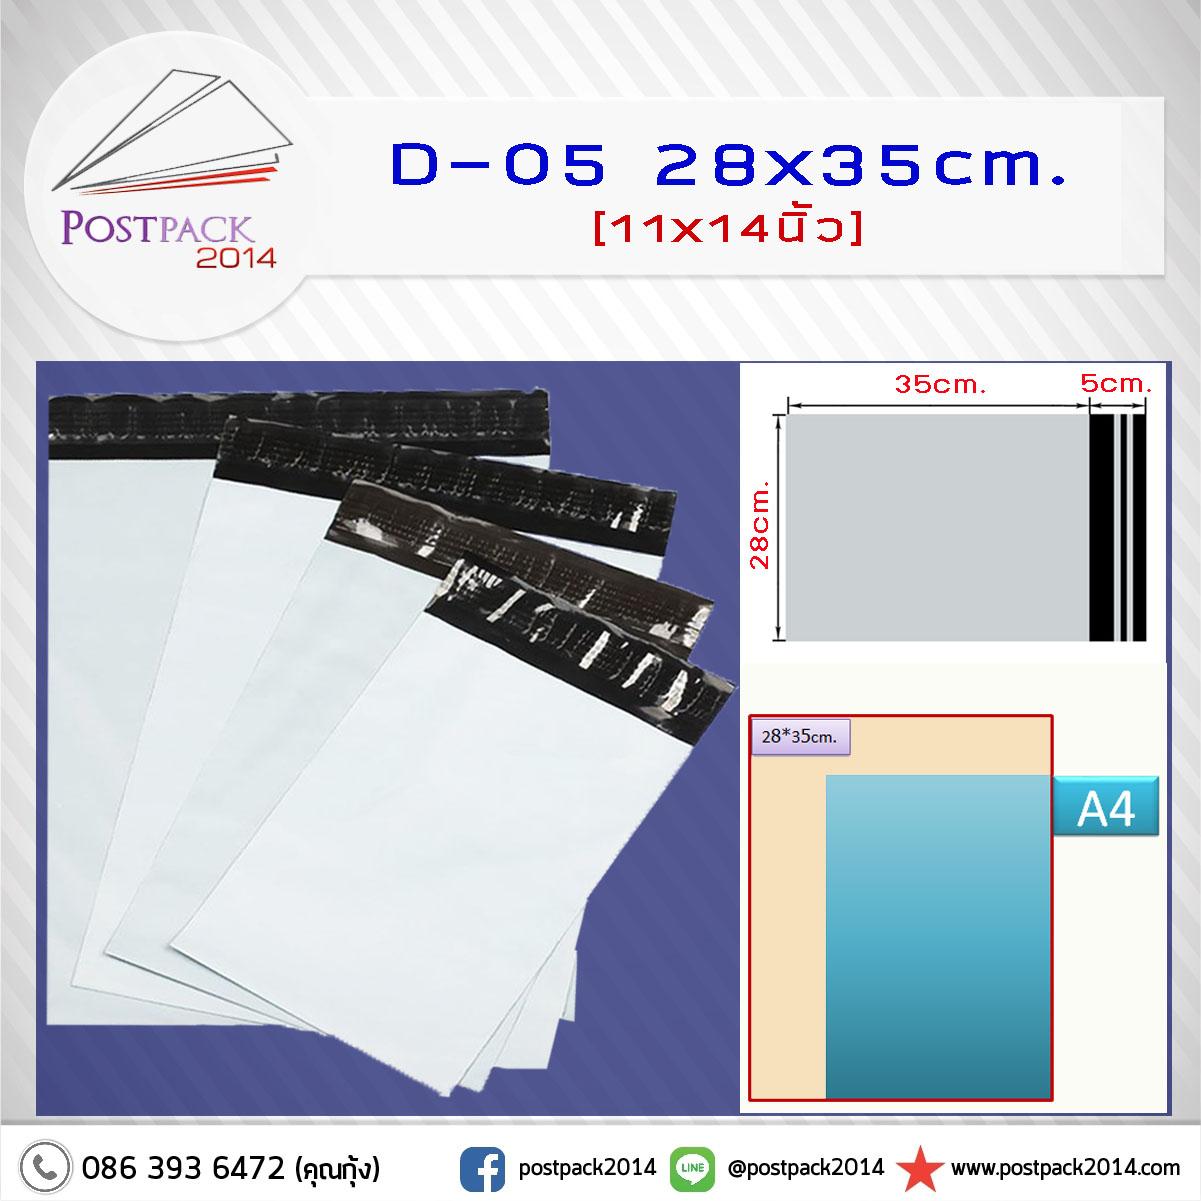 ซองไปรษณีย์พลาสติก 28x35 cm. (11x14นิ้ว)